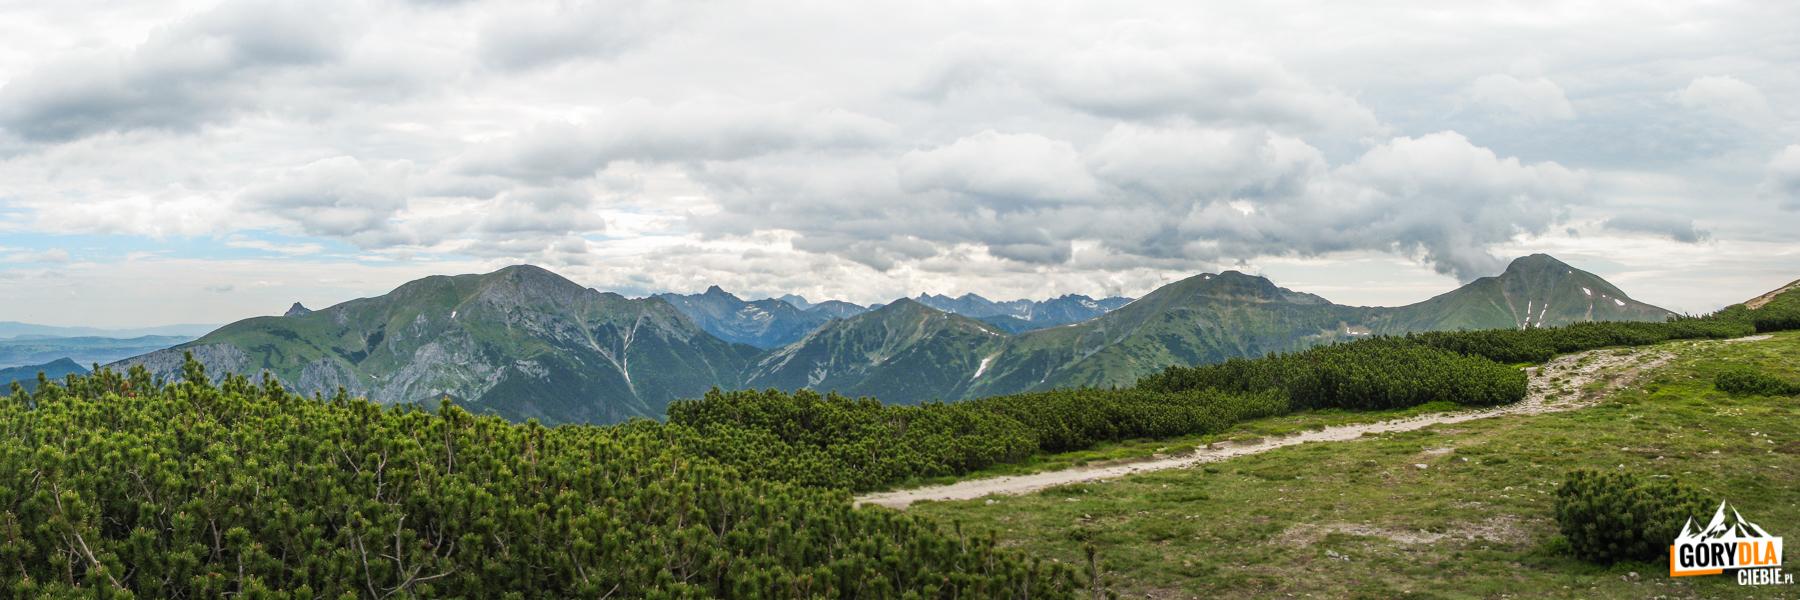 Widok z Suchego Wierchu Ornaczańskiego (1832 m) - od lewej: szczyt Giewontu (1895 m), Ciemniak (2096 m), Swinica (2301 m), Tomanowy Wierch (1977 m), Smreczyński Wierch (2068 m) i Kamienista (2126 m)